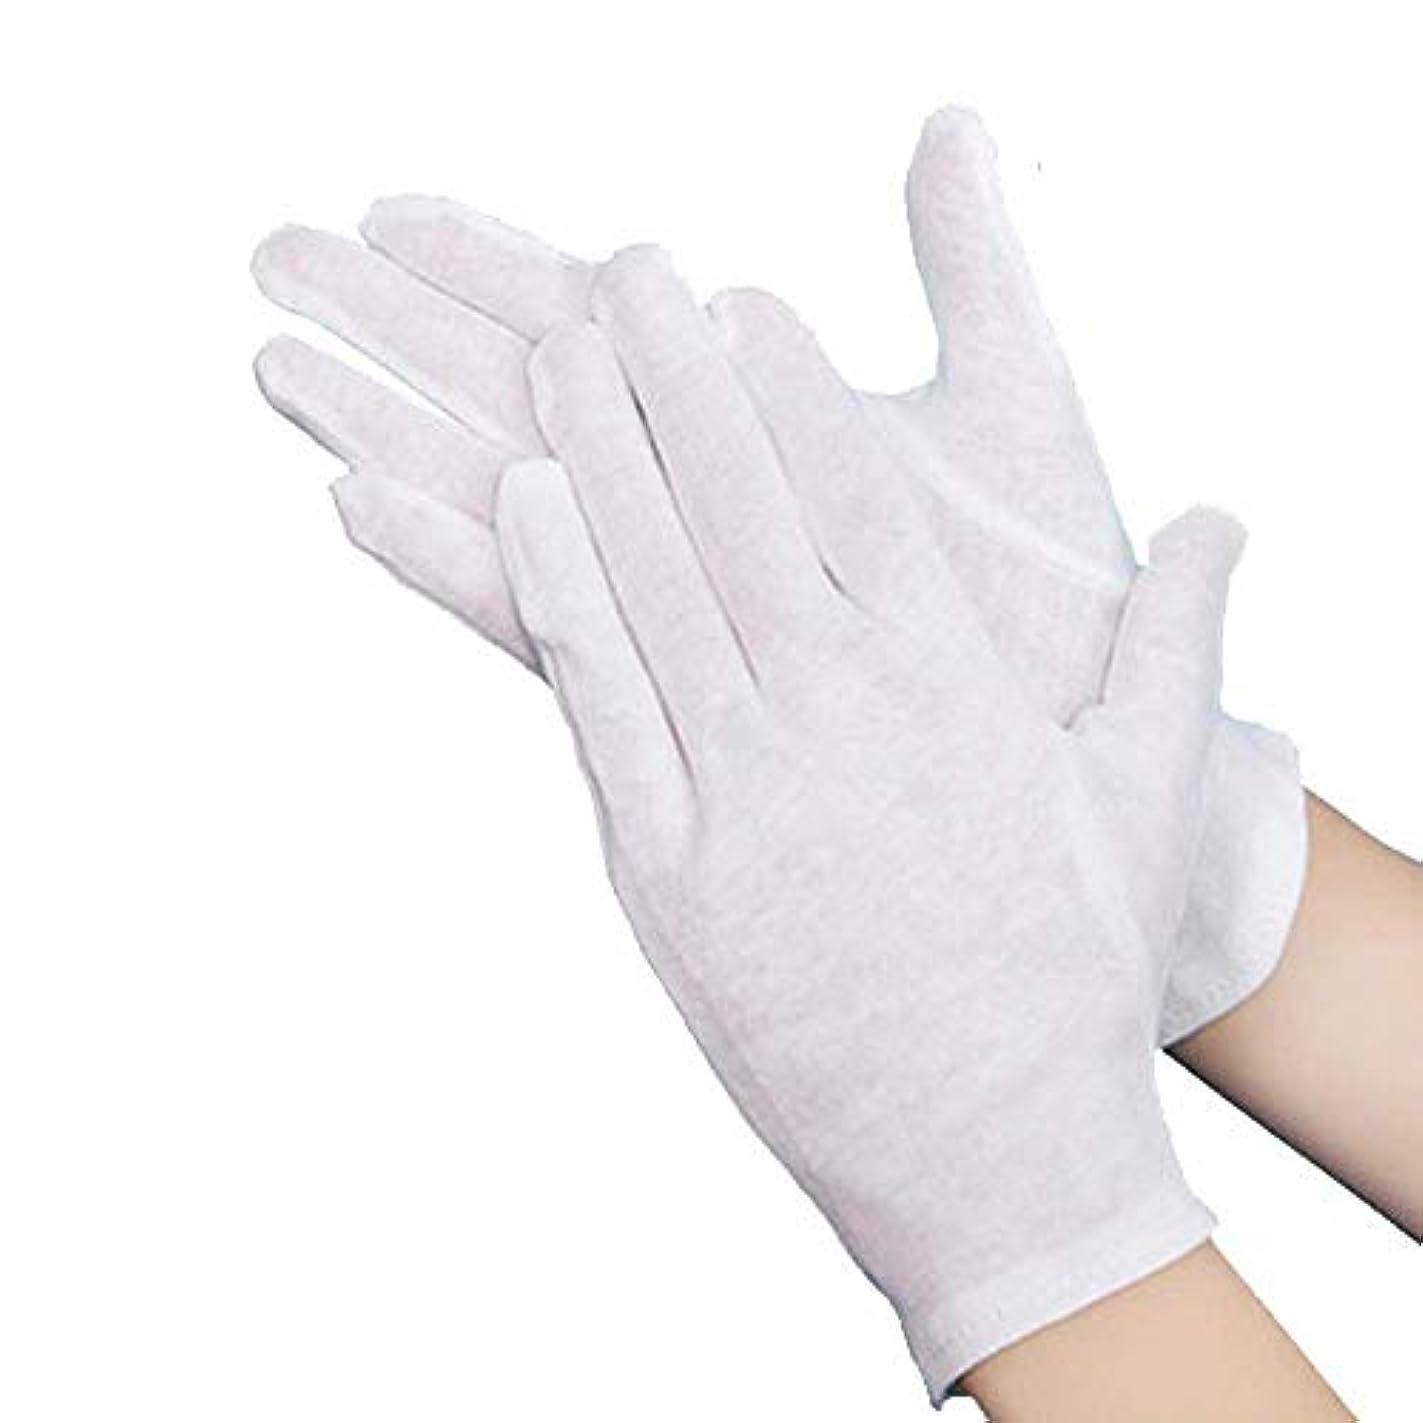 アルカイック一目師匠10双組 M トン手袋 綿手袋 通気性